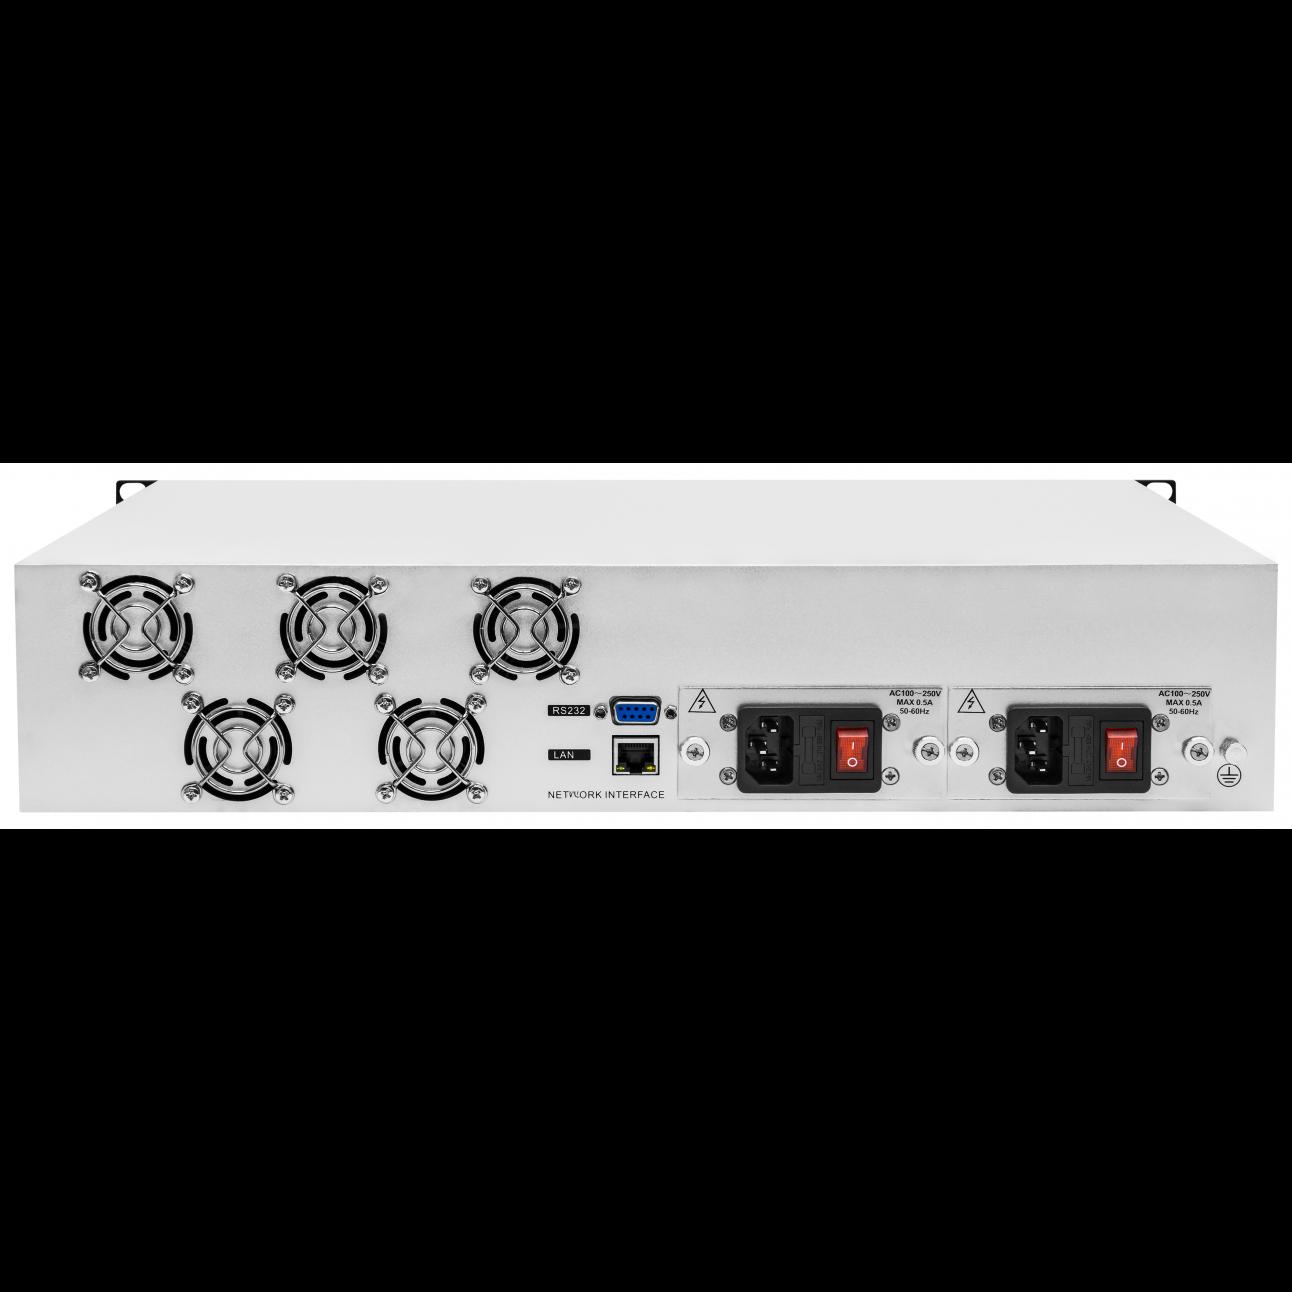 Оптический усилитель VERMAX для сетей КТВ, 8*17dBm, WDM фильтр PON